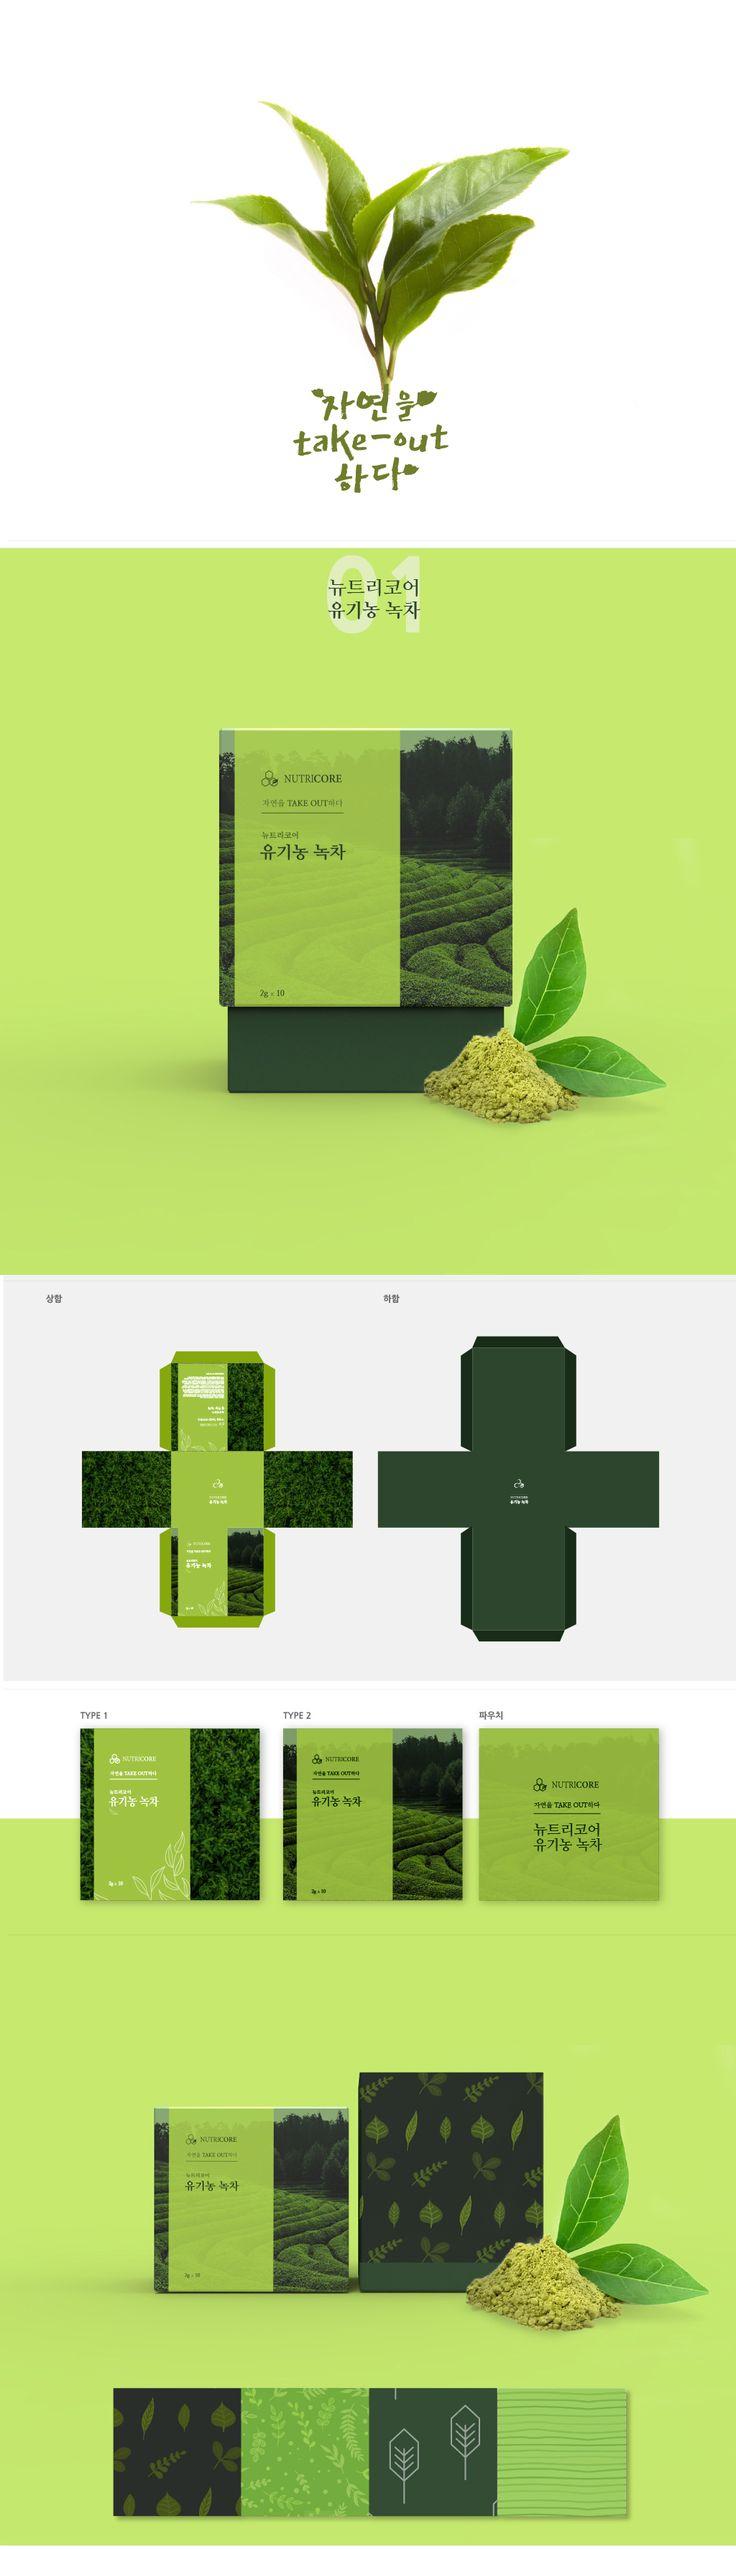 #패키지디자인 #패키지 #tea #뉴트리코어 #디자인 #디자이너 #라우드소싱 #레퍼런스 #package #design 뉴트리코어 패키지디자인 ezupzero님의 작품이 우승작으로 선정되었습니다.